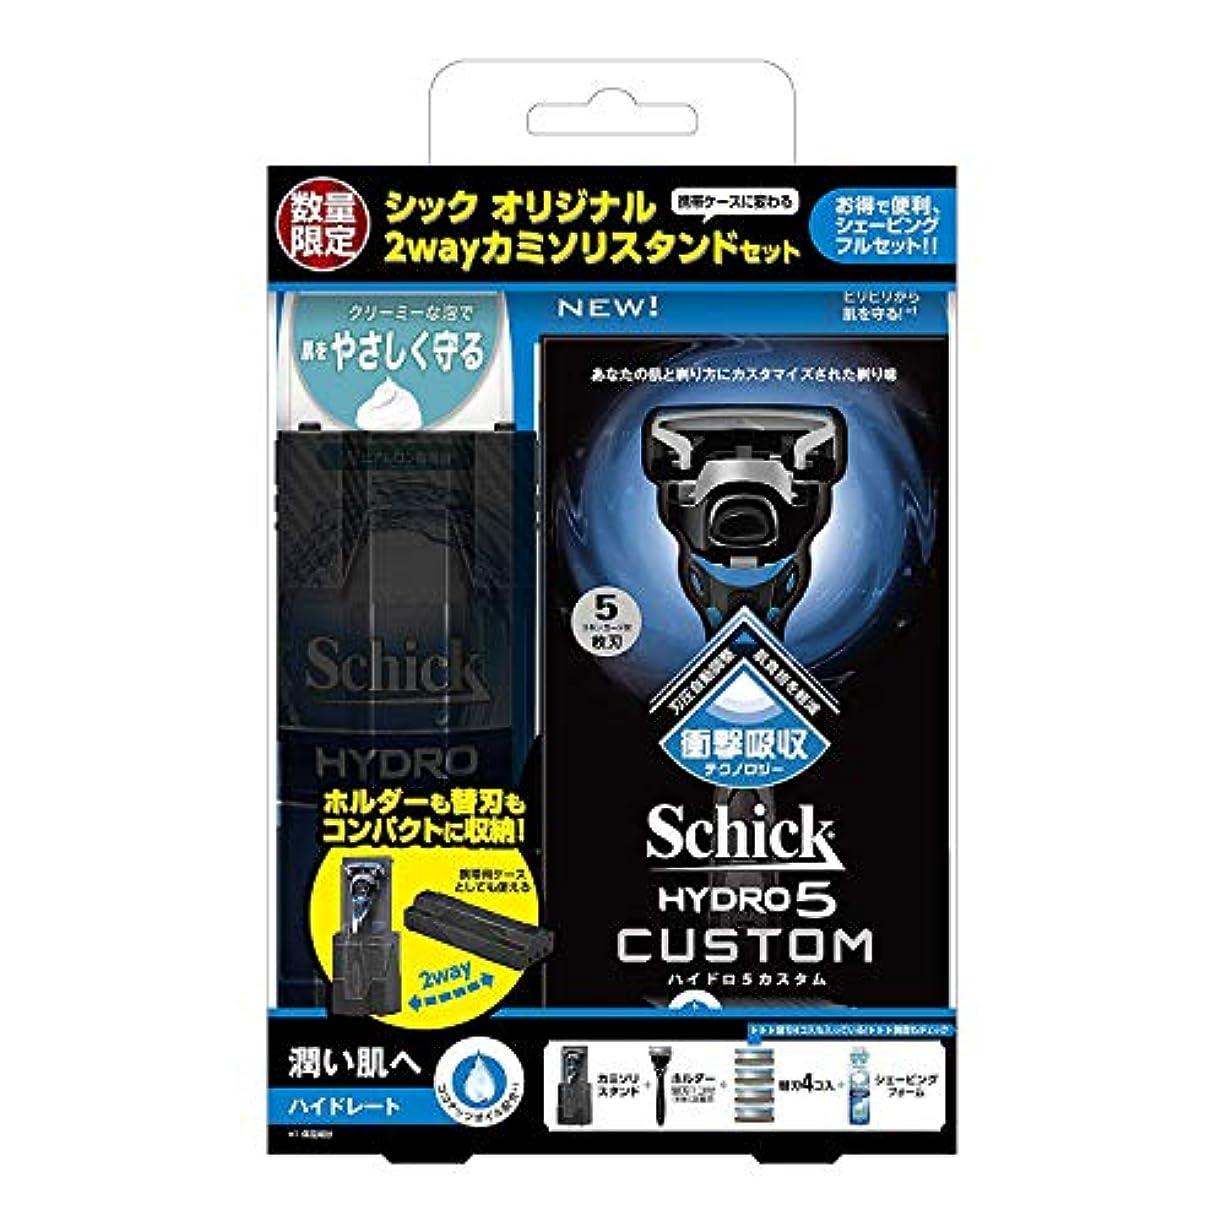 メドレー論争是正するシック Schick 5枚刃 ハイドロ5 カスタム ハイドレート スペシャルパック 替刃5コ付 (替刃は本体に装着済み) 男性 カミソリ